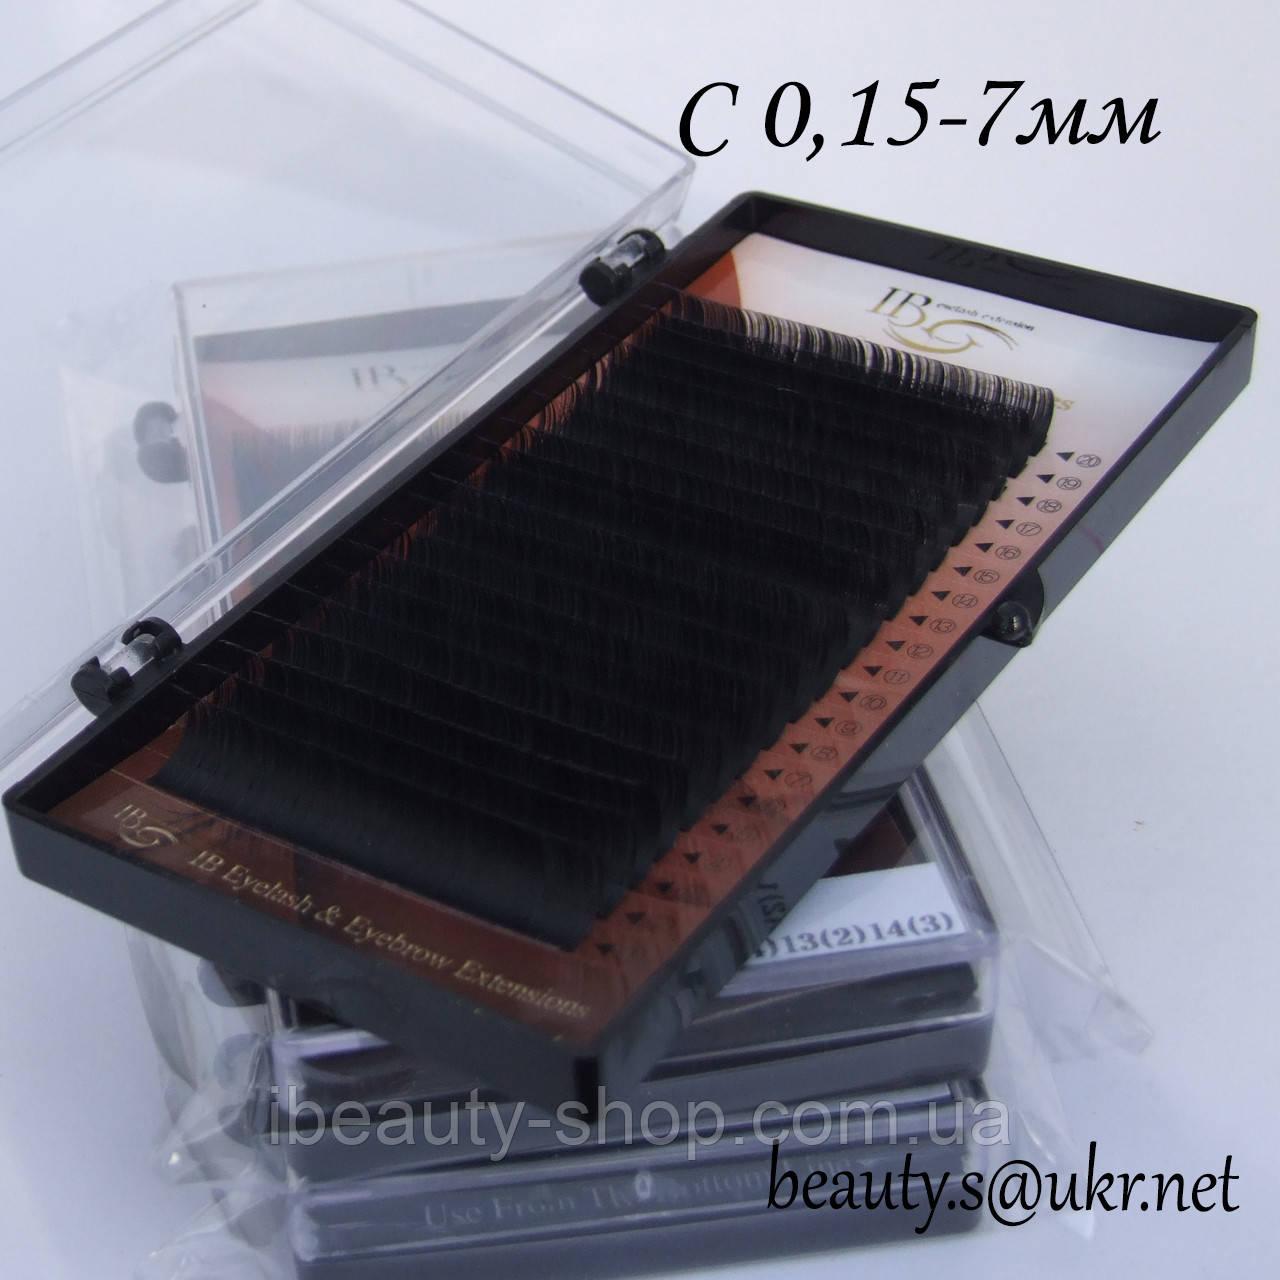 Ресницы  I-Beauty на ленте С-0,15 7мм